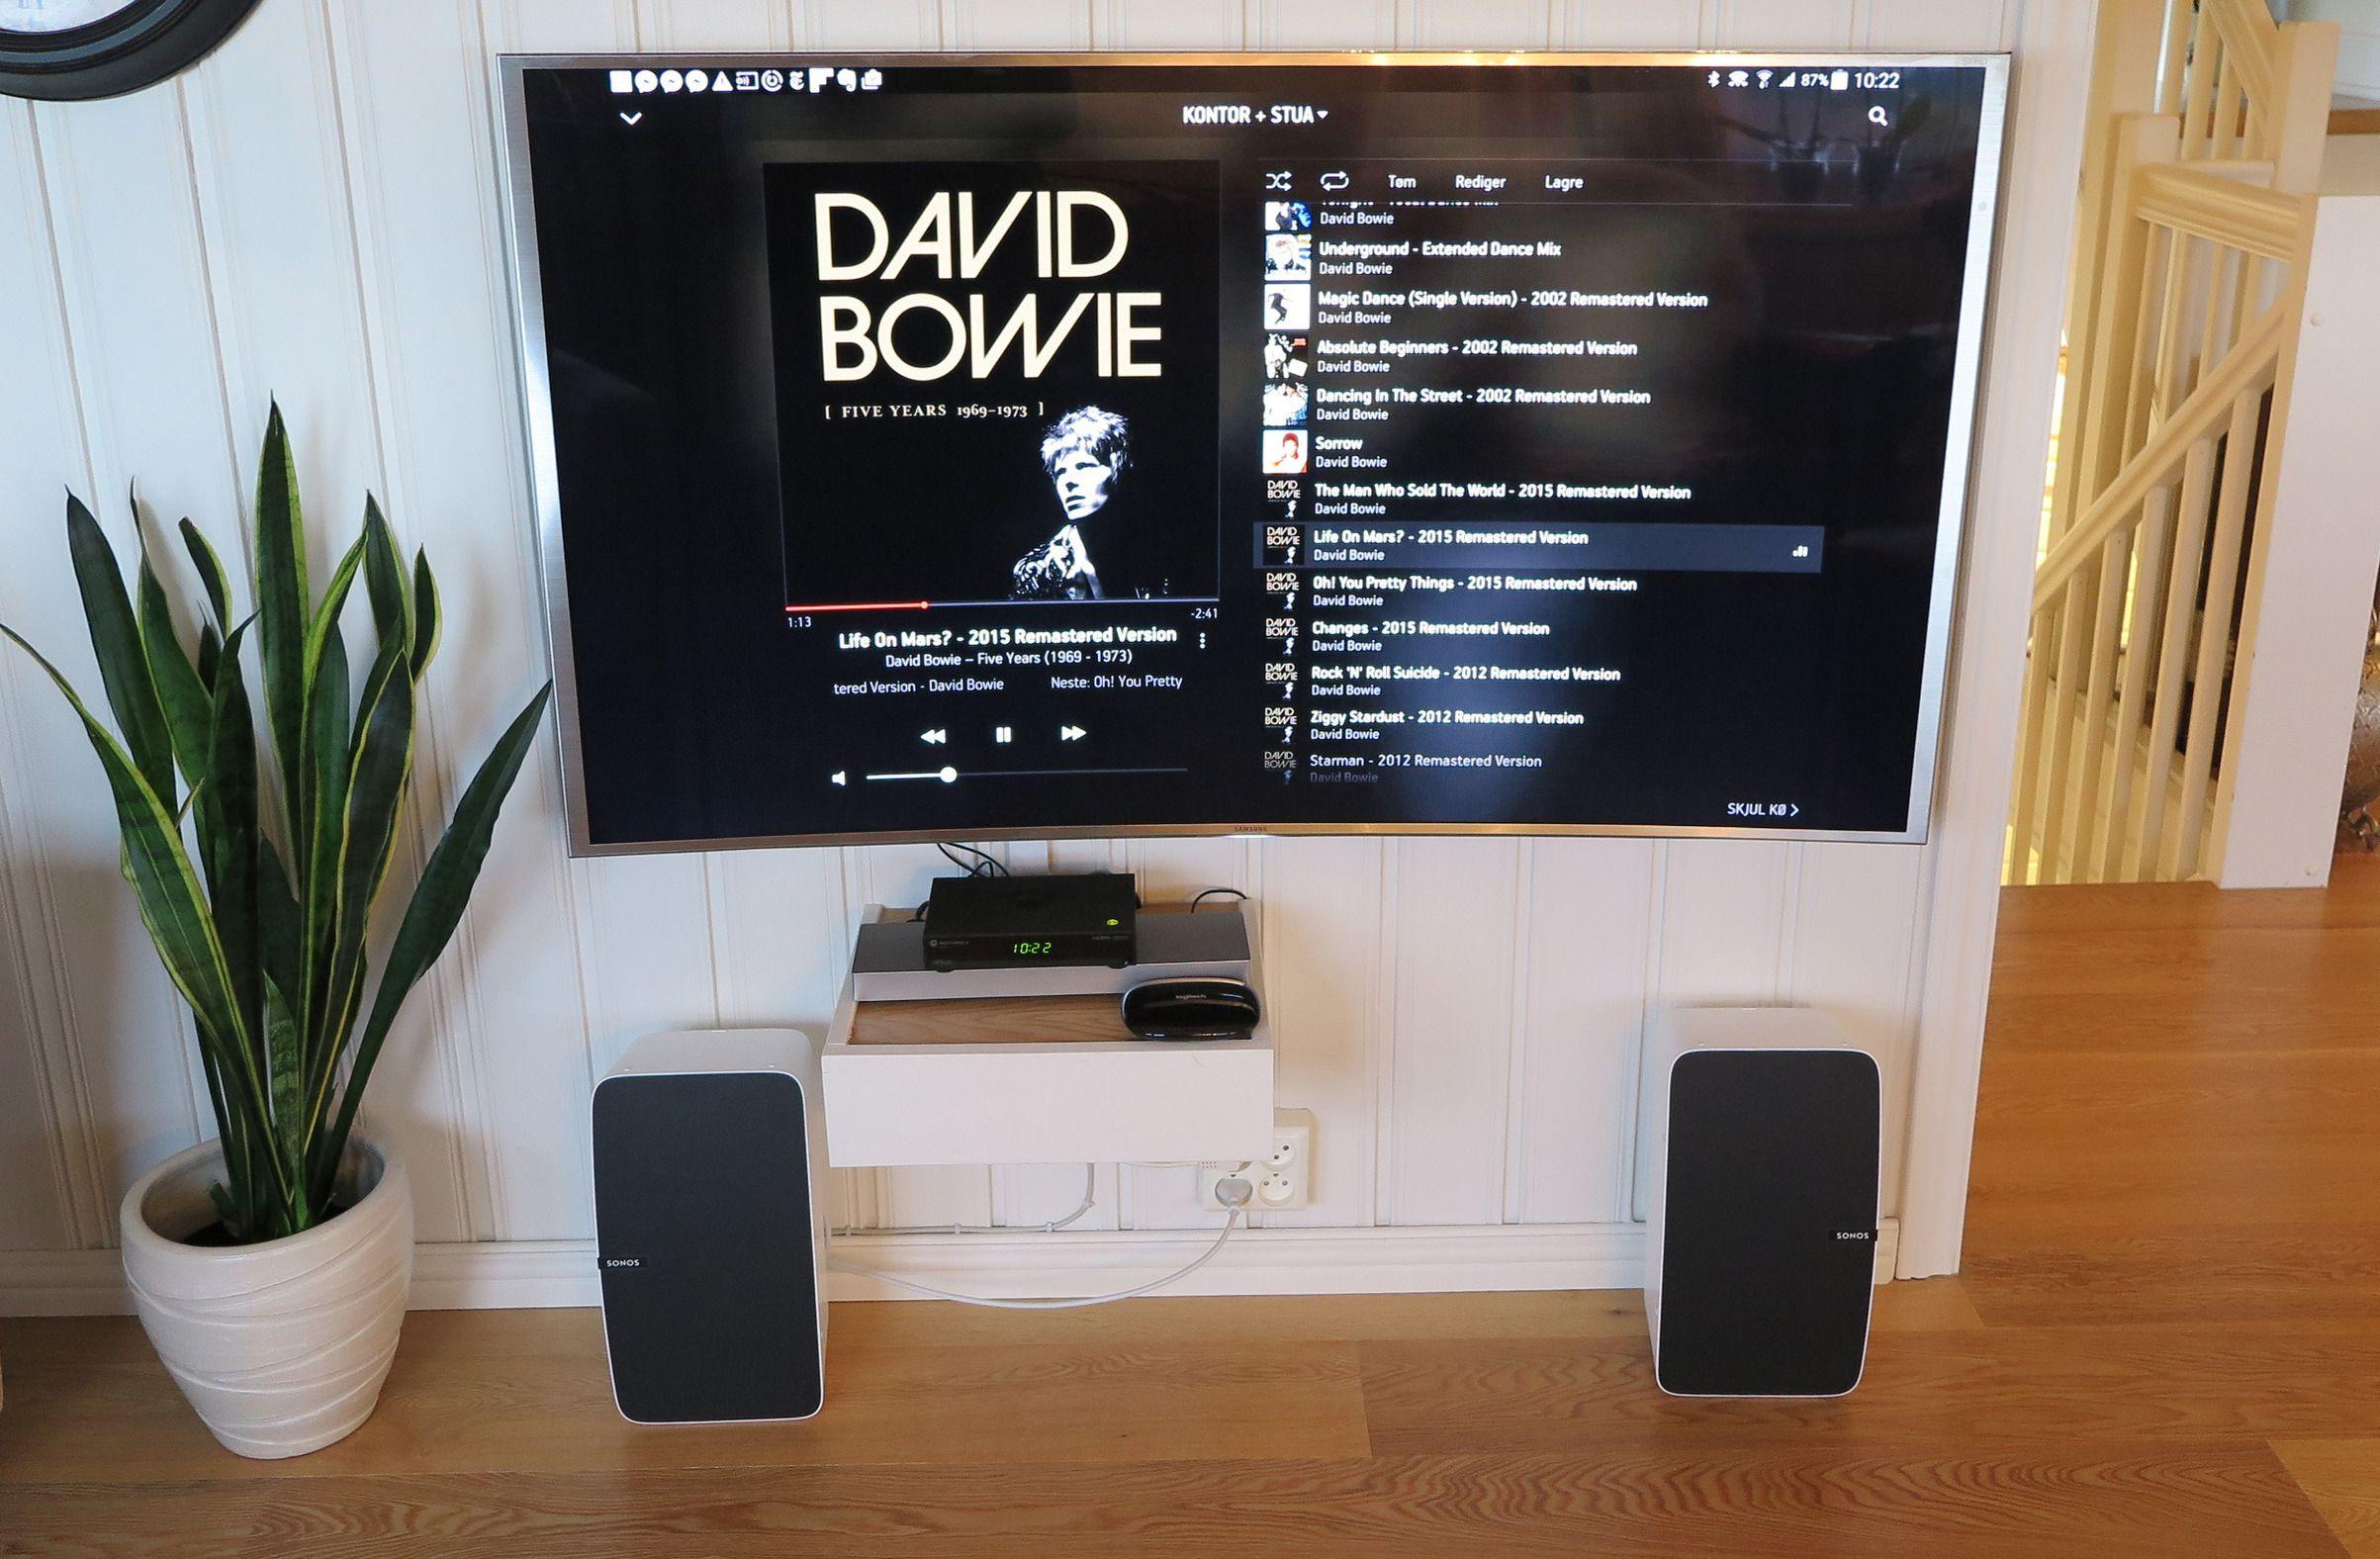 To Sonos Play:5 i stereopar. Her kjører vi appen på et nettbrett fra Samsung. Skjermbildet på nettbrettet overfører vi til TV-en. Lyden går imidlertid direkte fra stømmetjenesten til høyttalerne. Appen fungerer som grensesnitt, og du kan kjøre appen på flere telefoner og nettbrett samtidig.Foto: Espen Irwing Swang, Tek.no